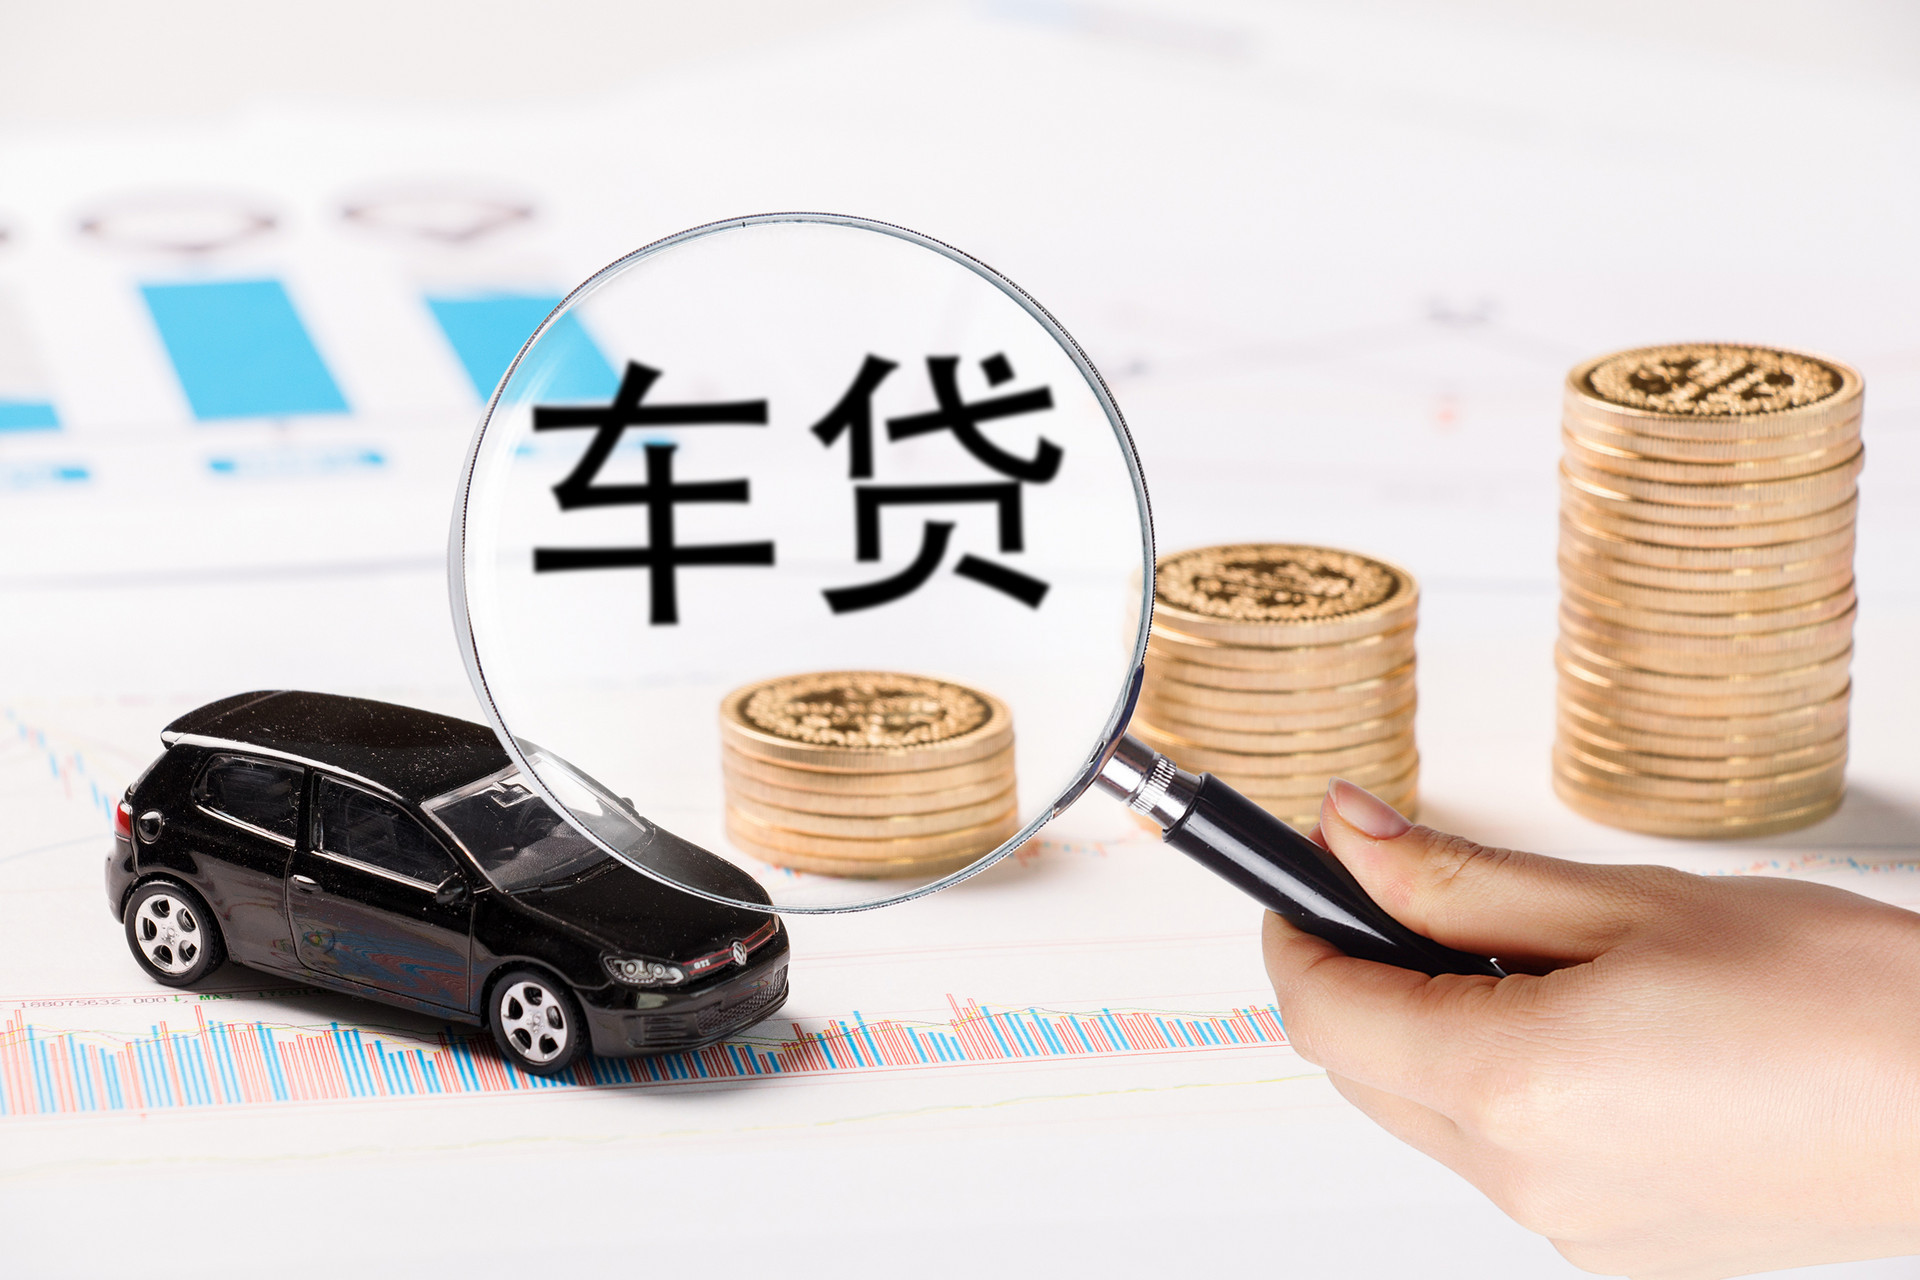 调查丨你的车贷还了吗?疫情之下,还贷逾期率上升,汽车金融行业洗牌加速